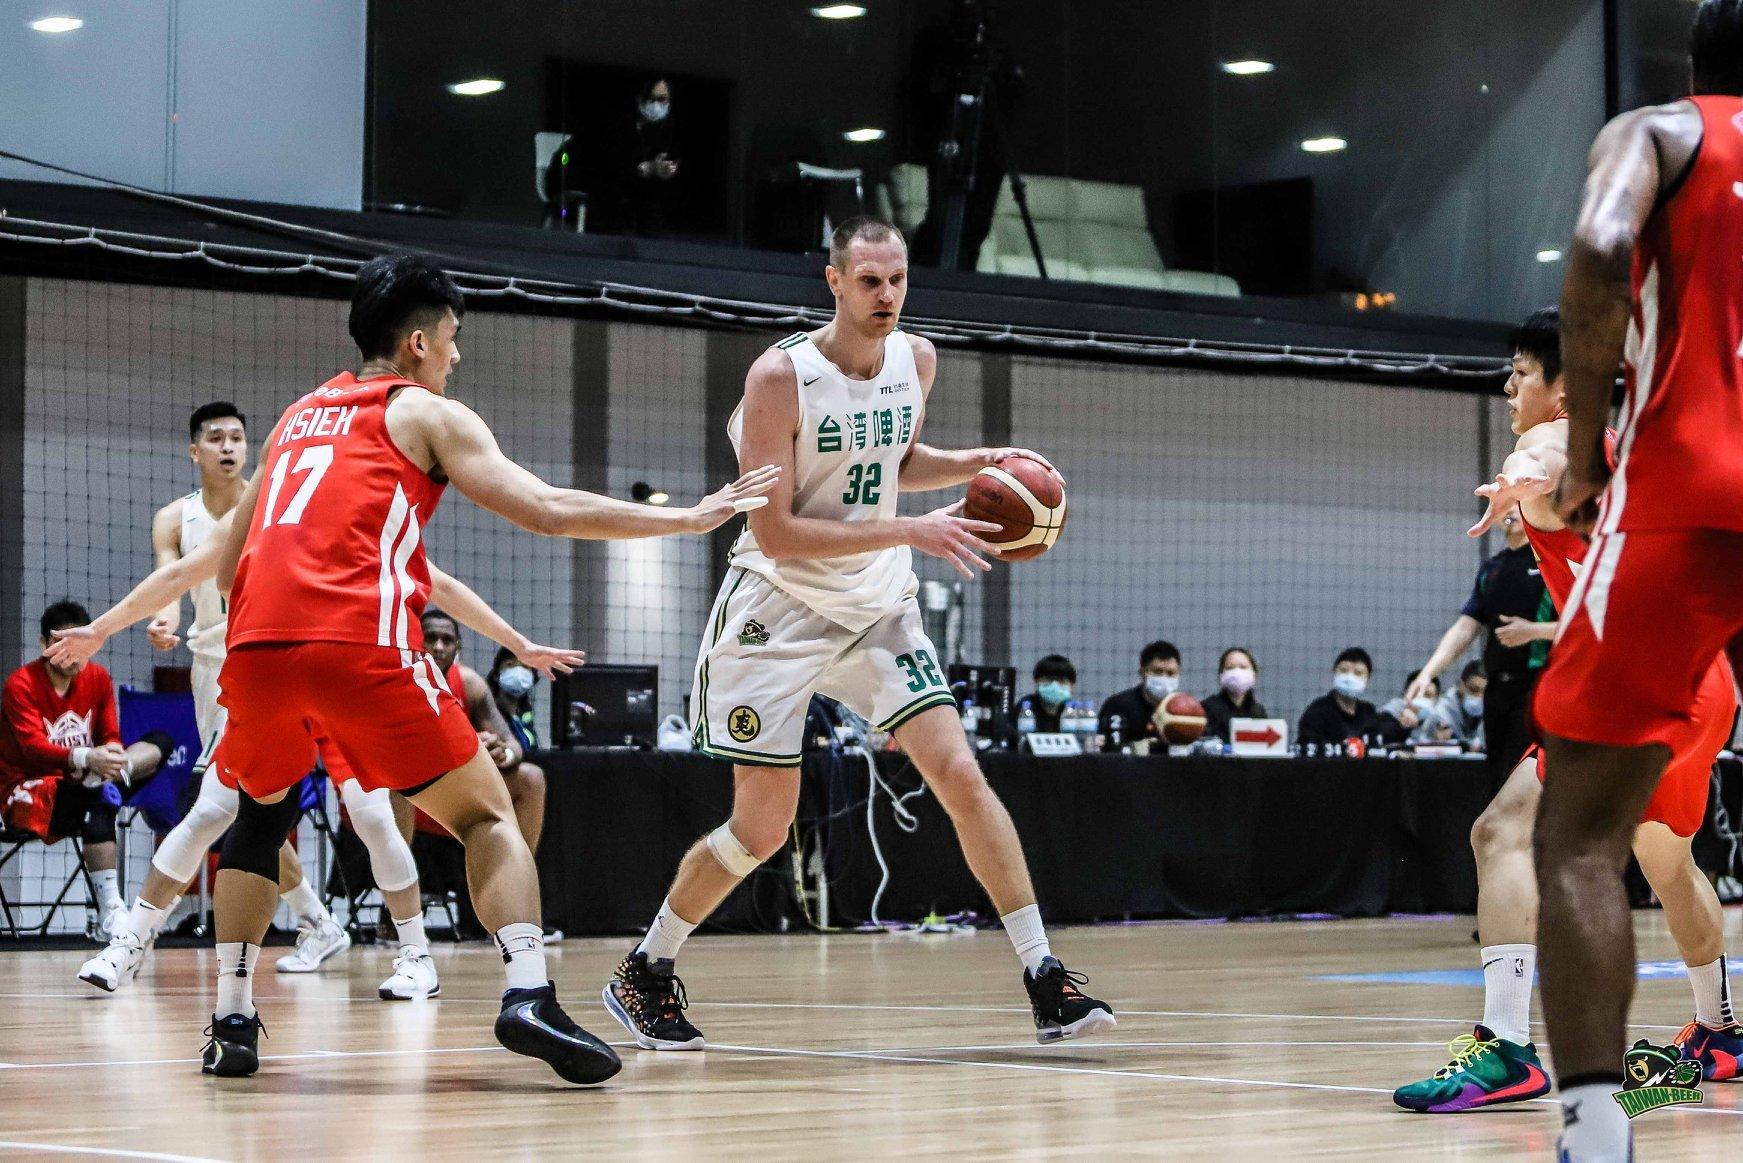 Ігор Зайцев допоміг своєму клубу достроково виграти регулярний чемпіонат